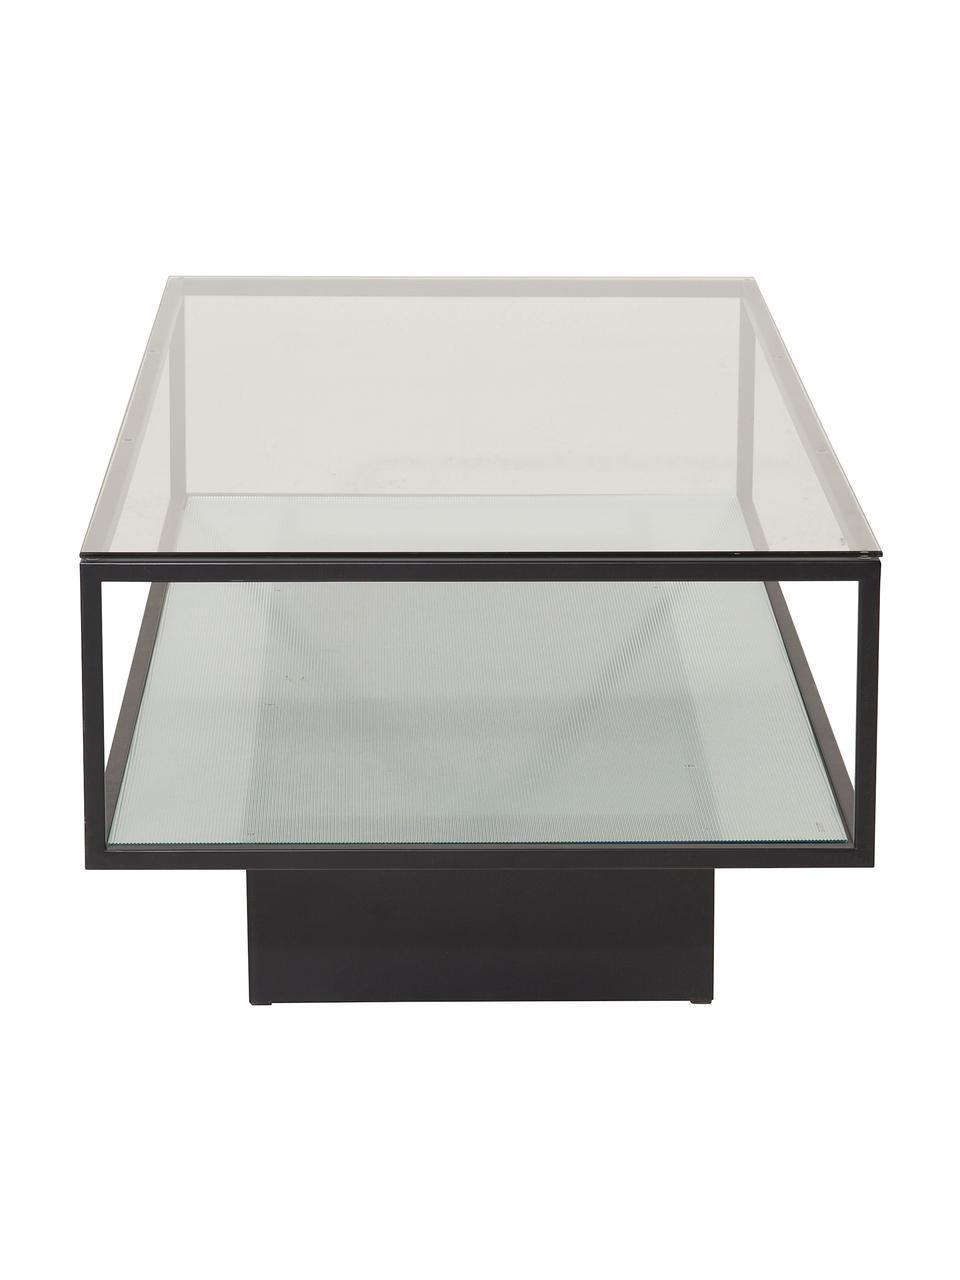 Metall-Couchtisch Maglehem mit Glasplatte, Gestell: Metall, beschichtet, Schwarz, Transparent, B 130 x T 60 cm